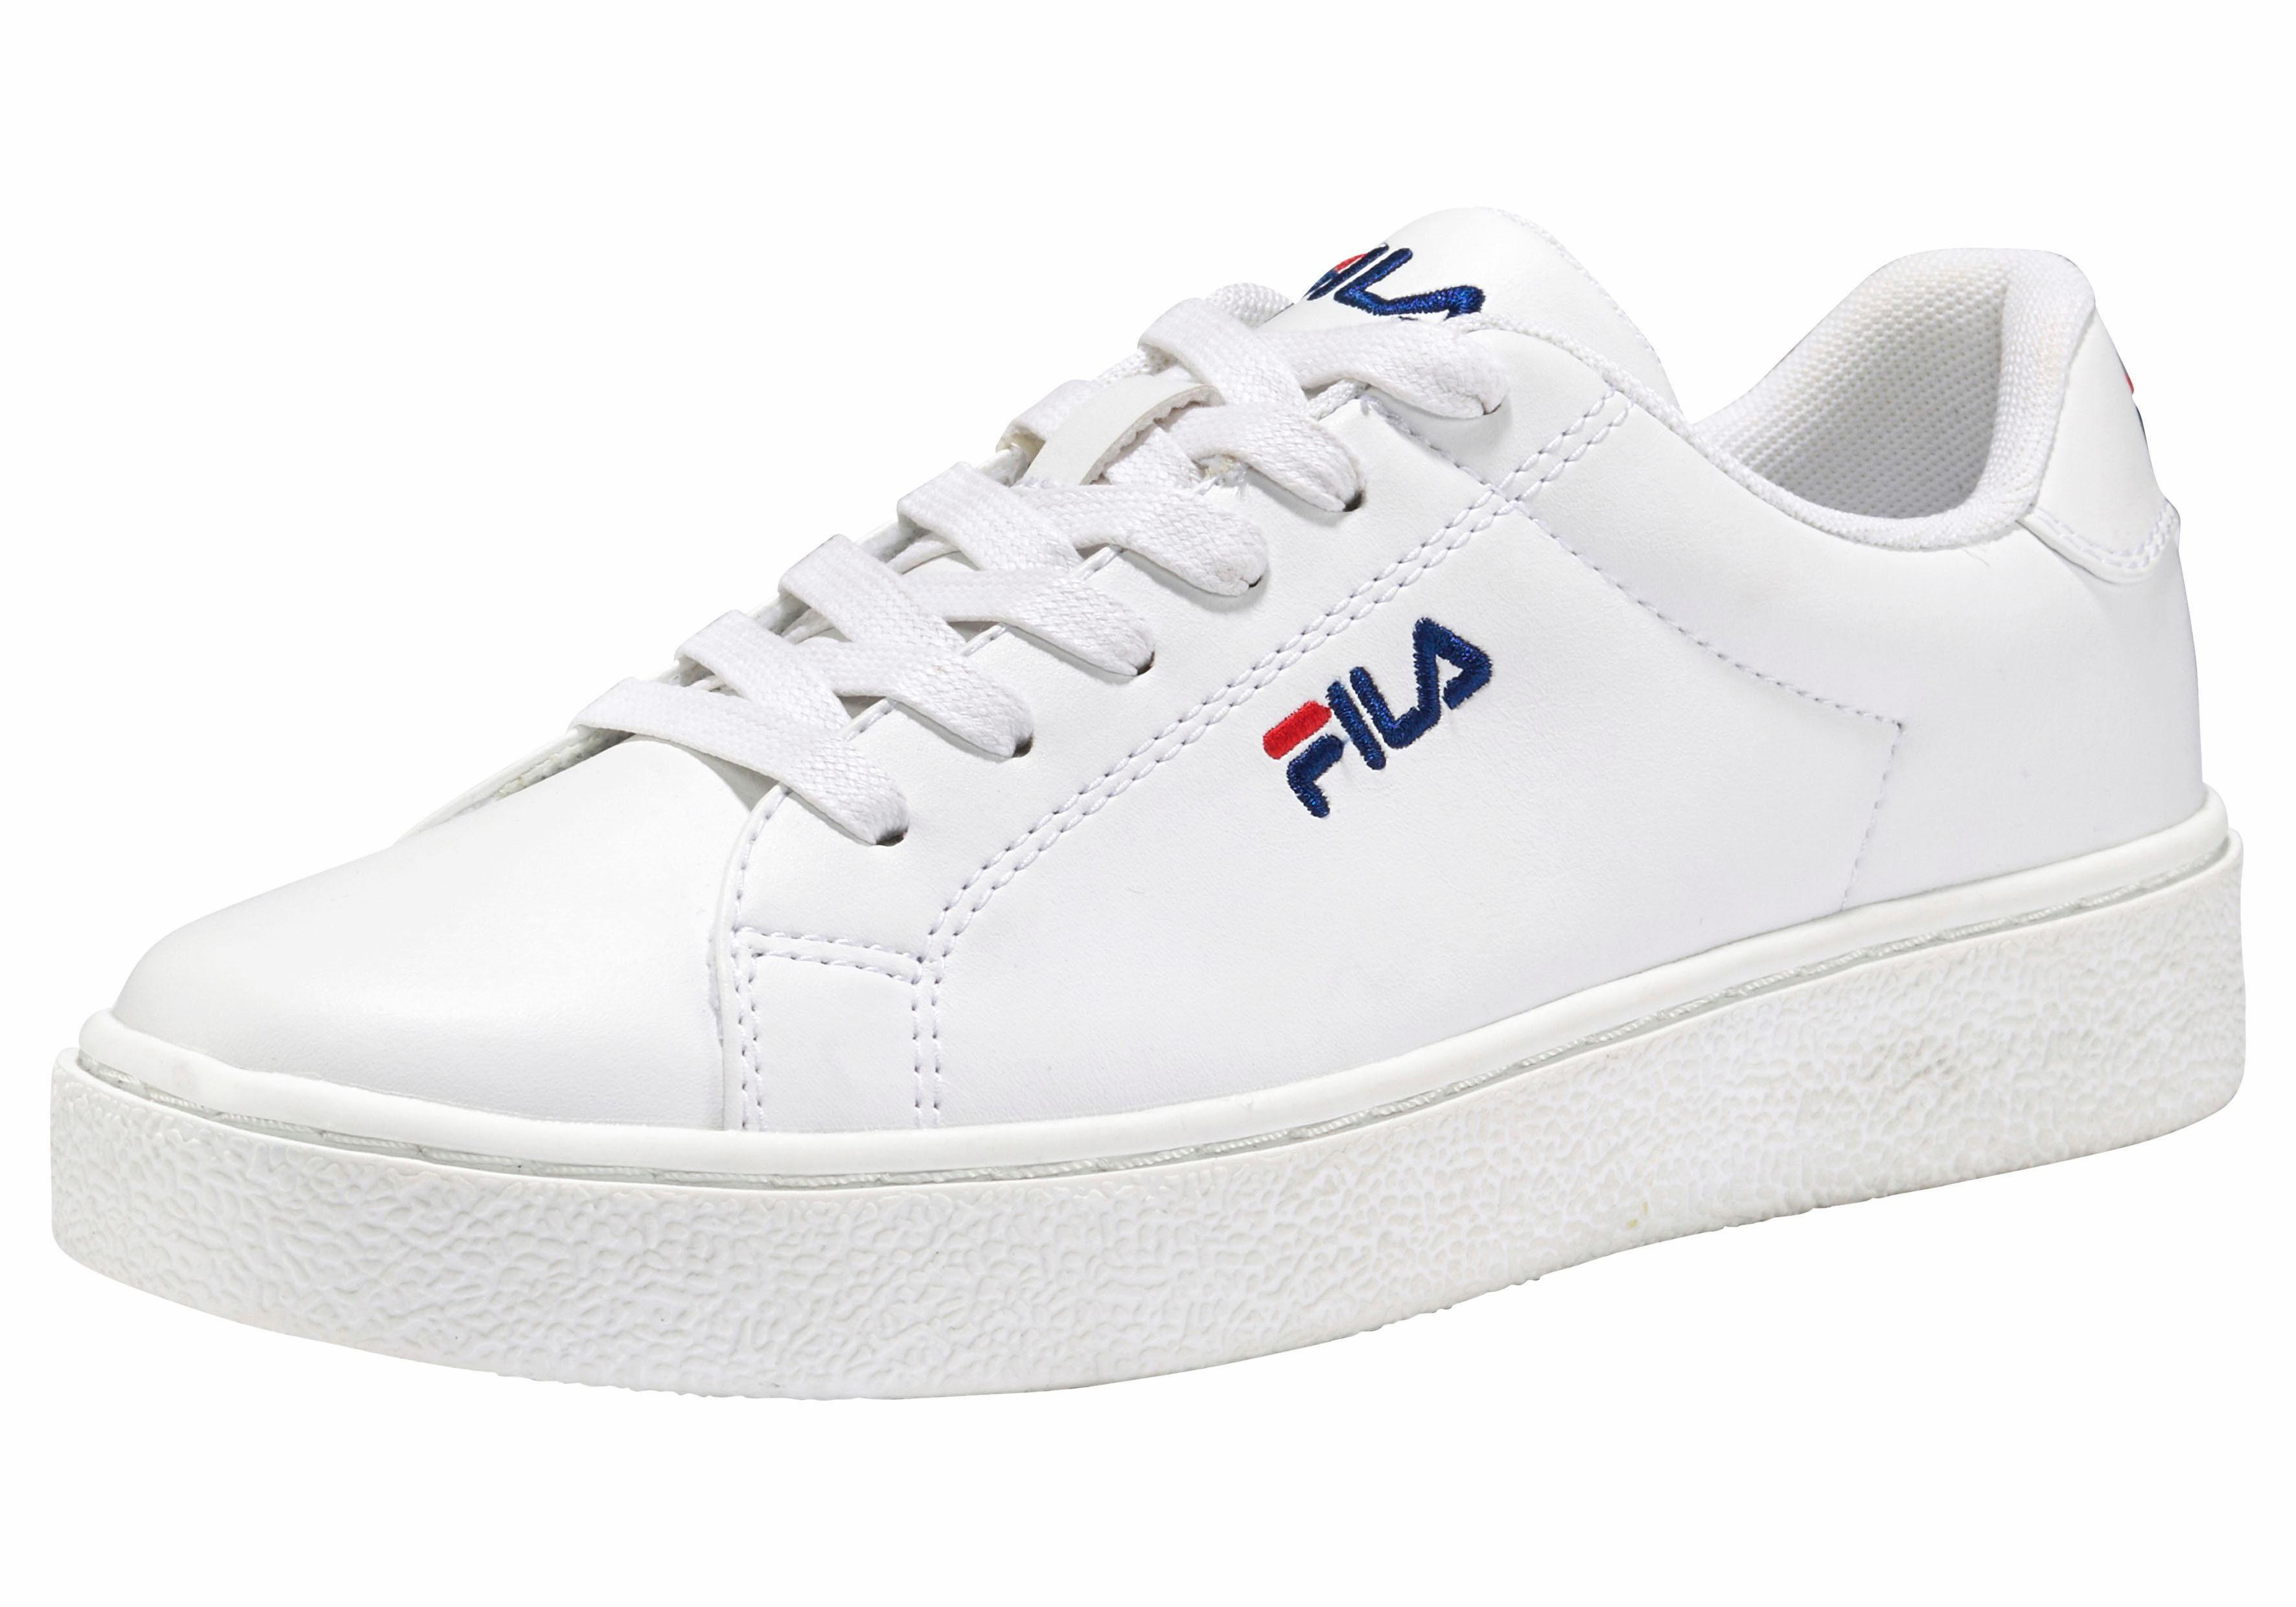 Fila »upstage Low SneakerSchlichter KaufenOtto Wmn« Von Sneaker Online jAL4S35qcR